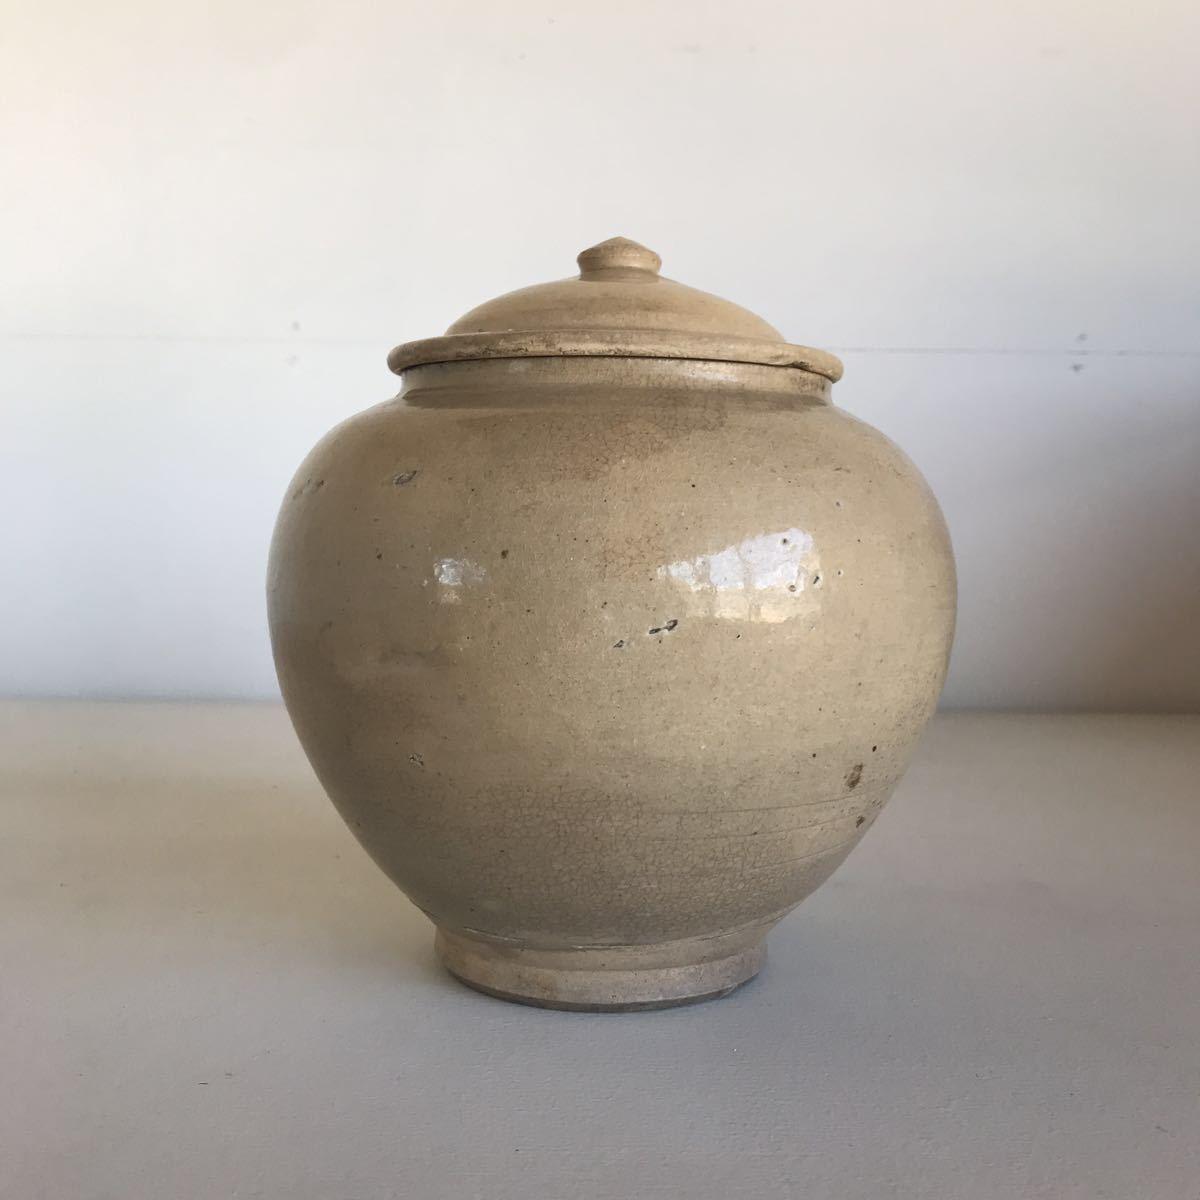 古い 壺 蓋付 瀬戸物 雨漏り手 陶器 アンティーク